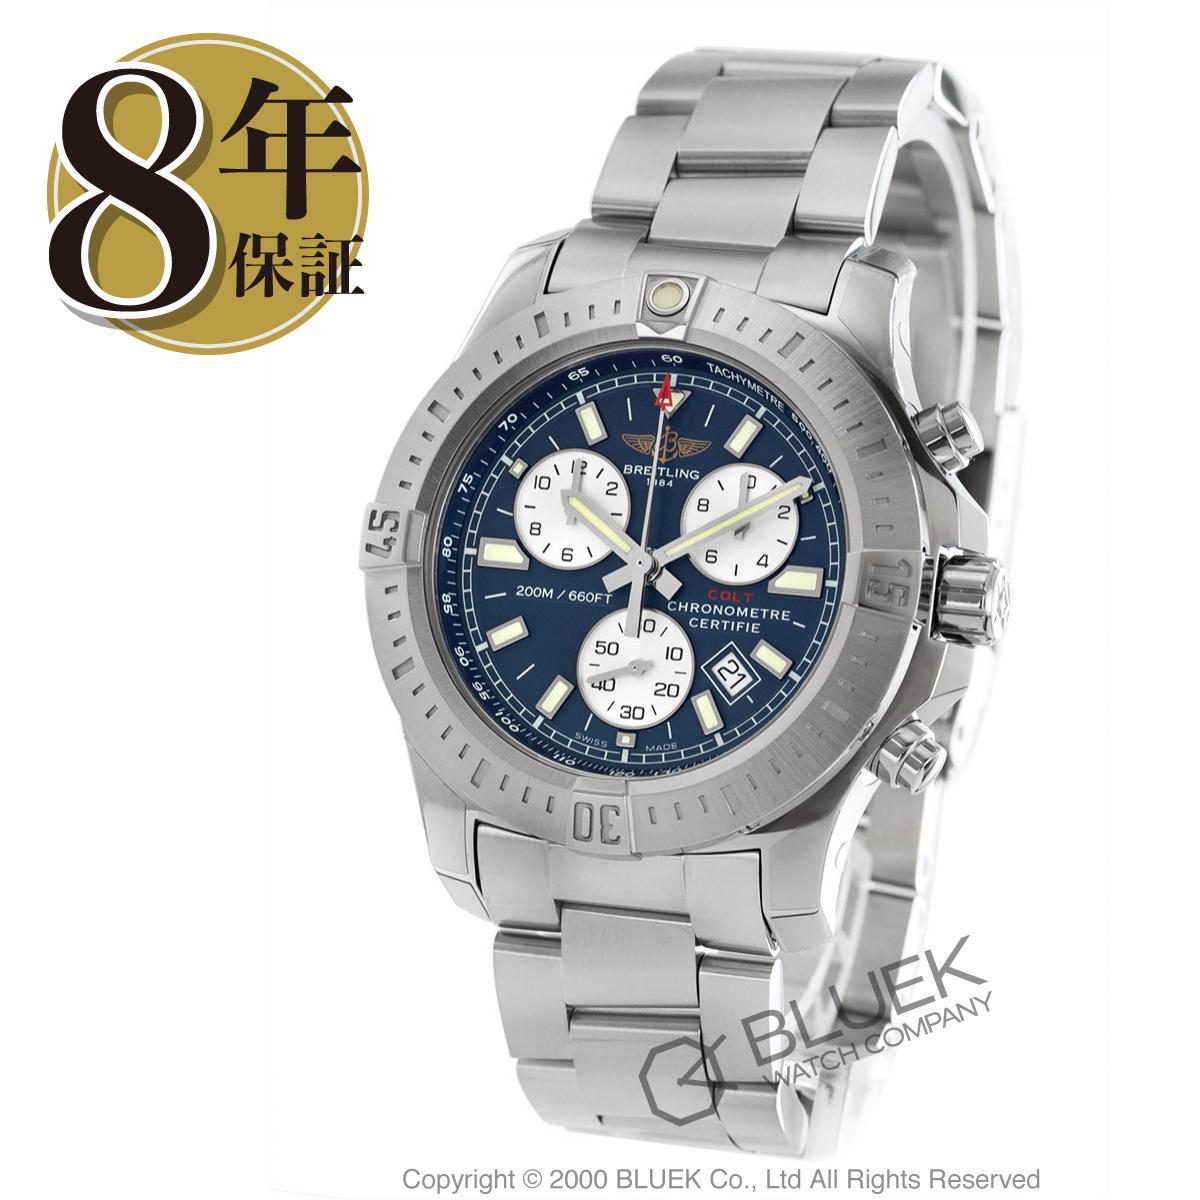 【最大3万円割引クーポン 11/01~】ブライトリング コルト クロノグラフ 腕時計 メンズ BREITLING A788C05PCS_8